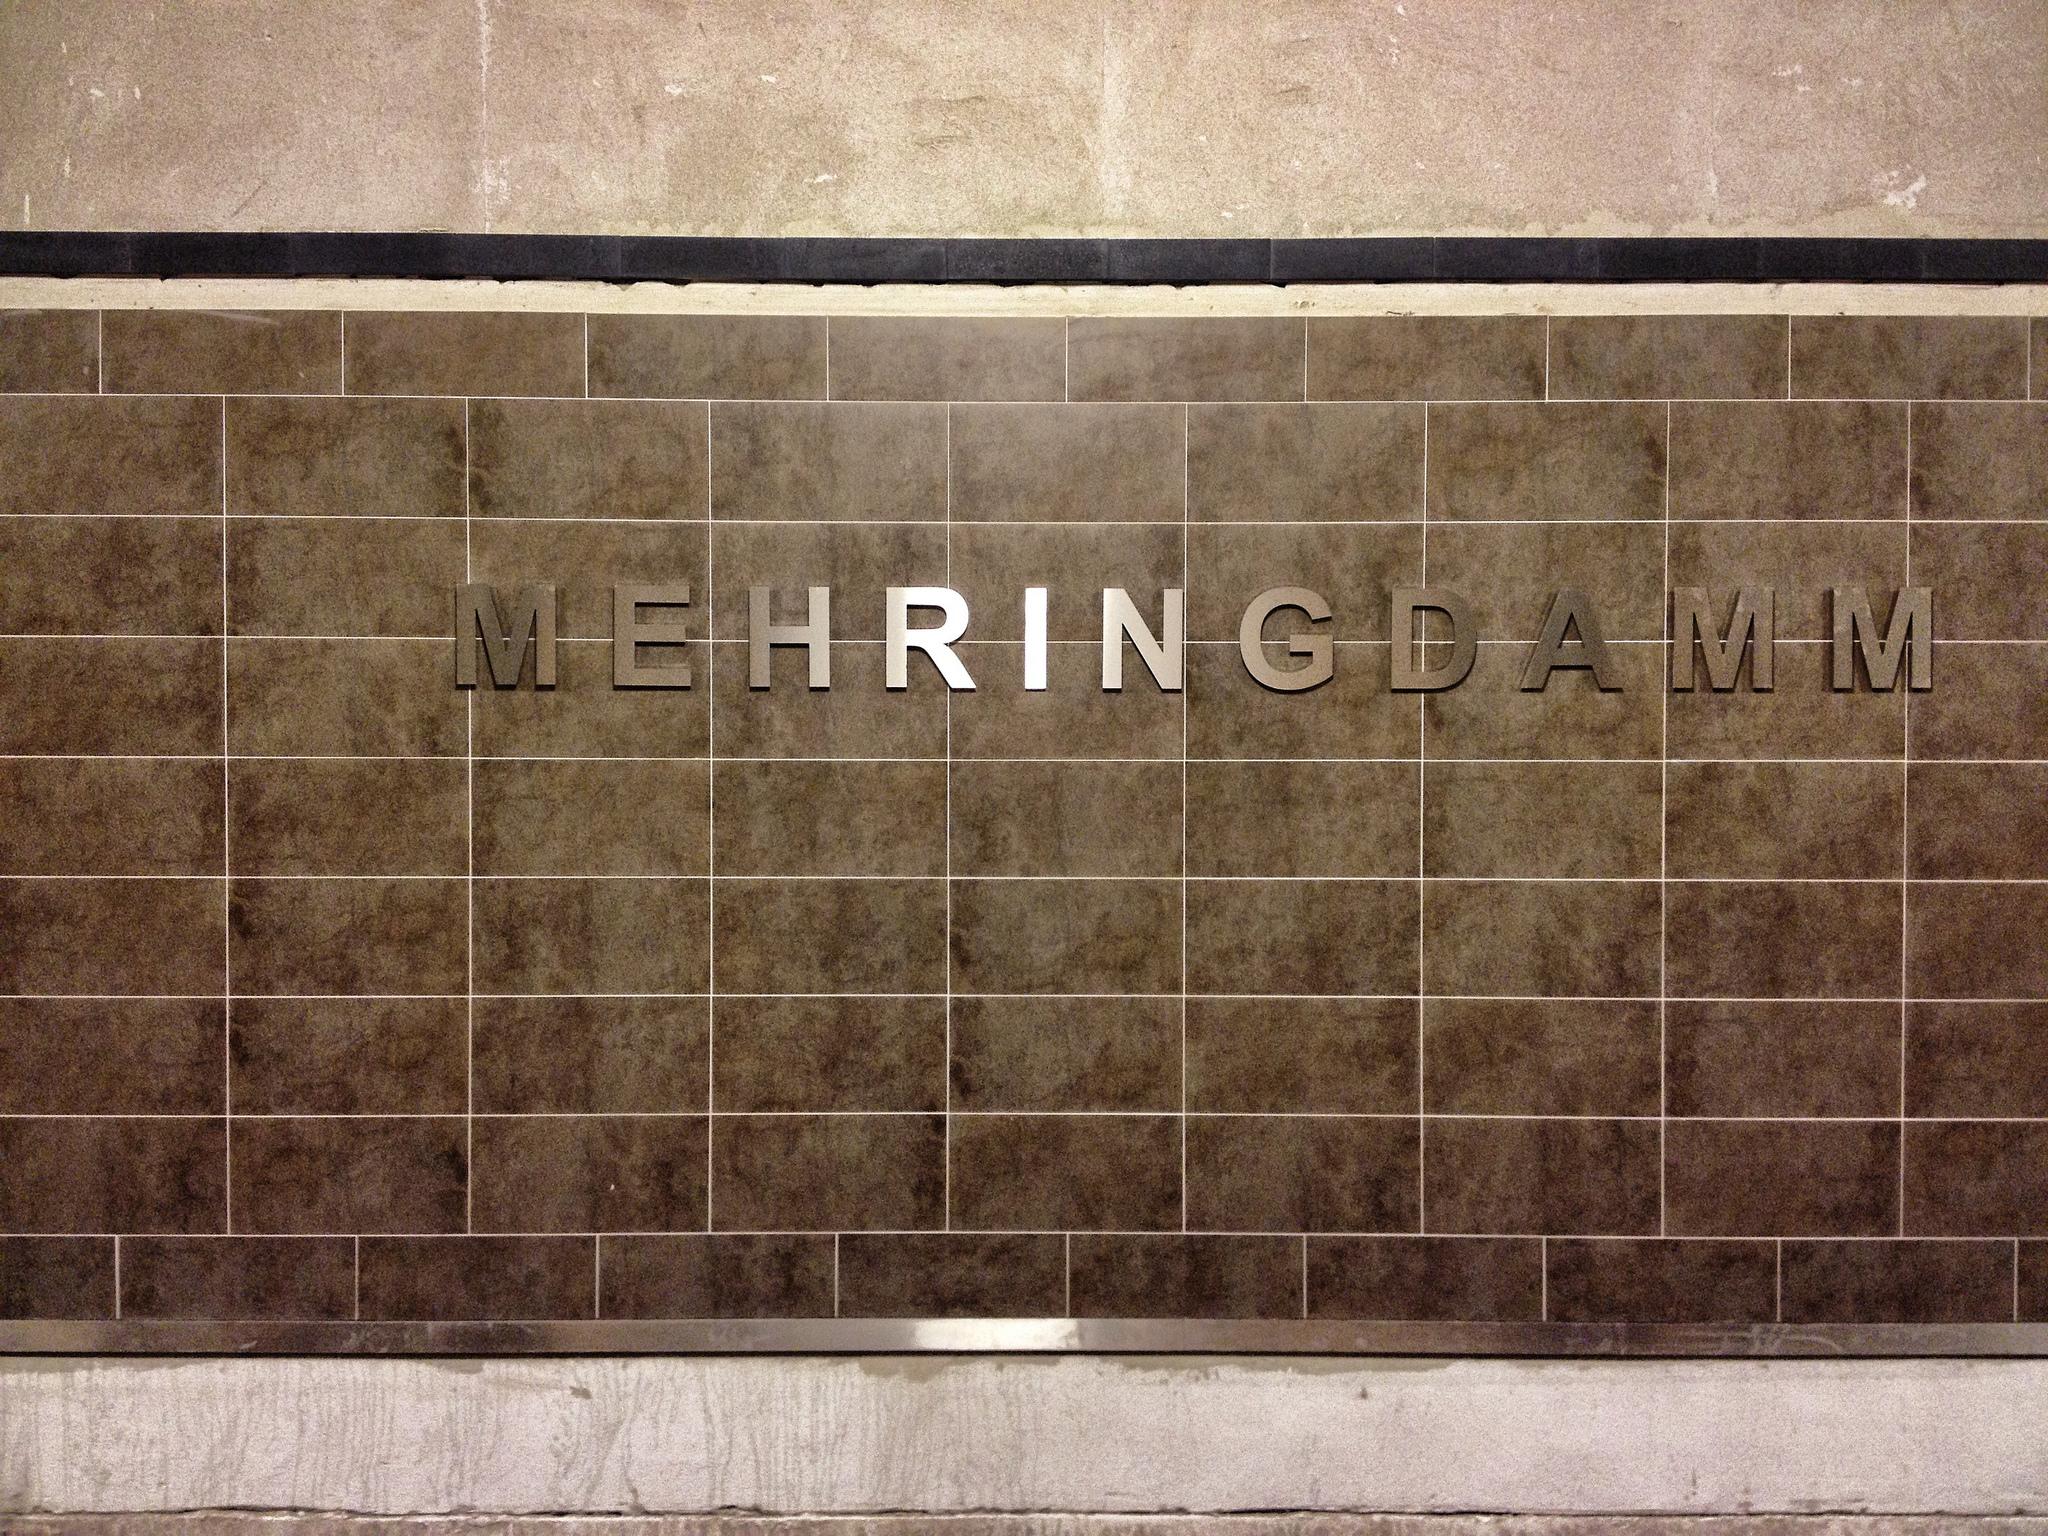 U-Bhf Mehringdamm (U6/U7) by BEROLINO